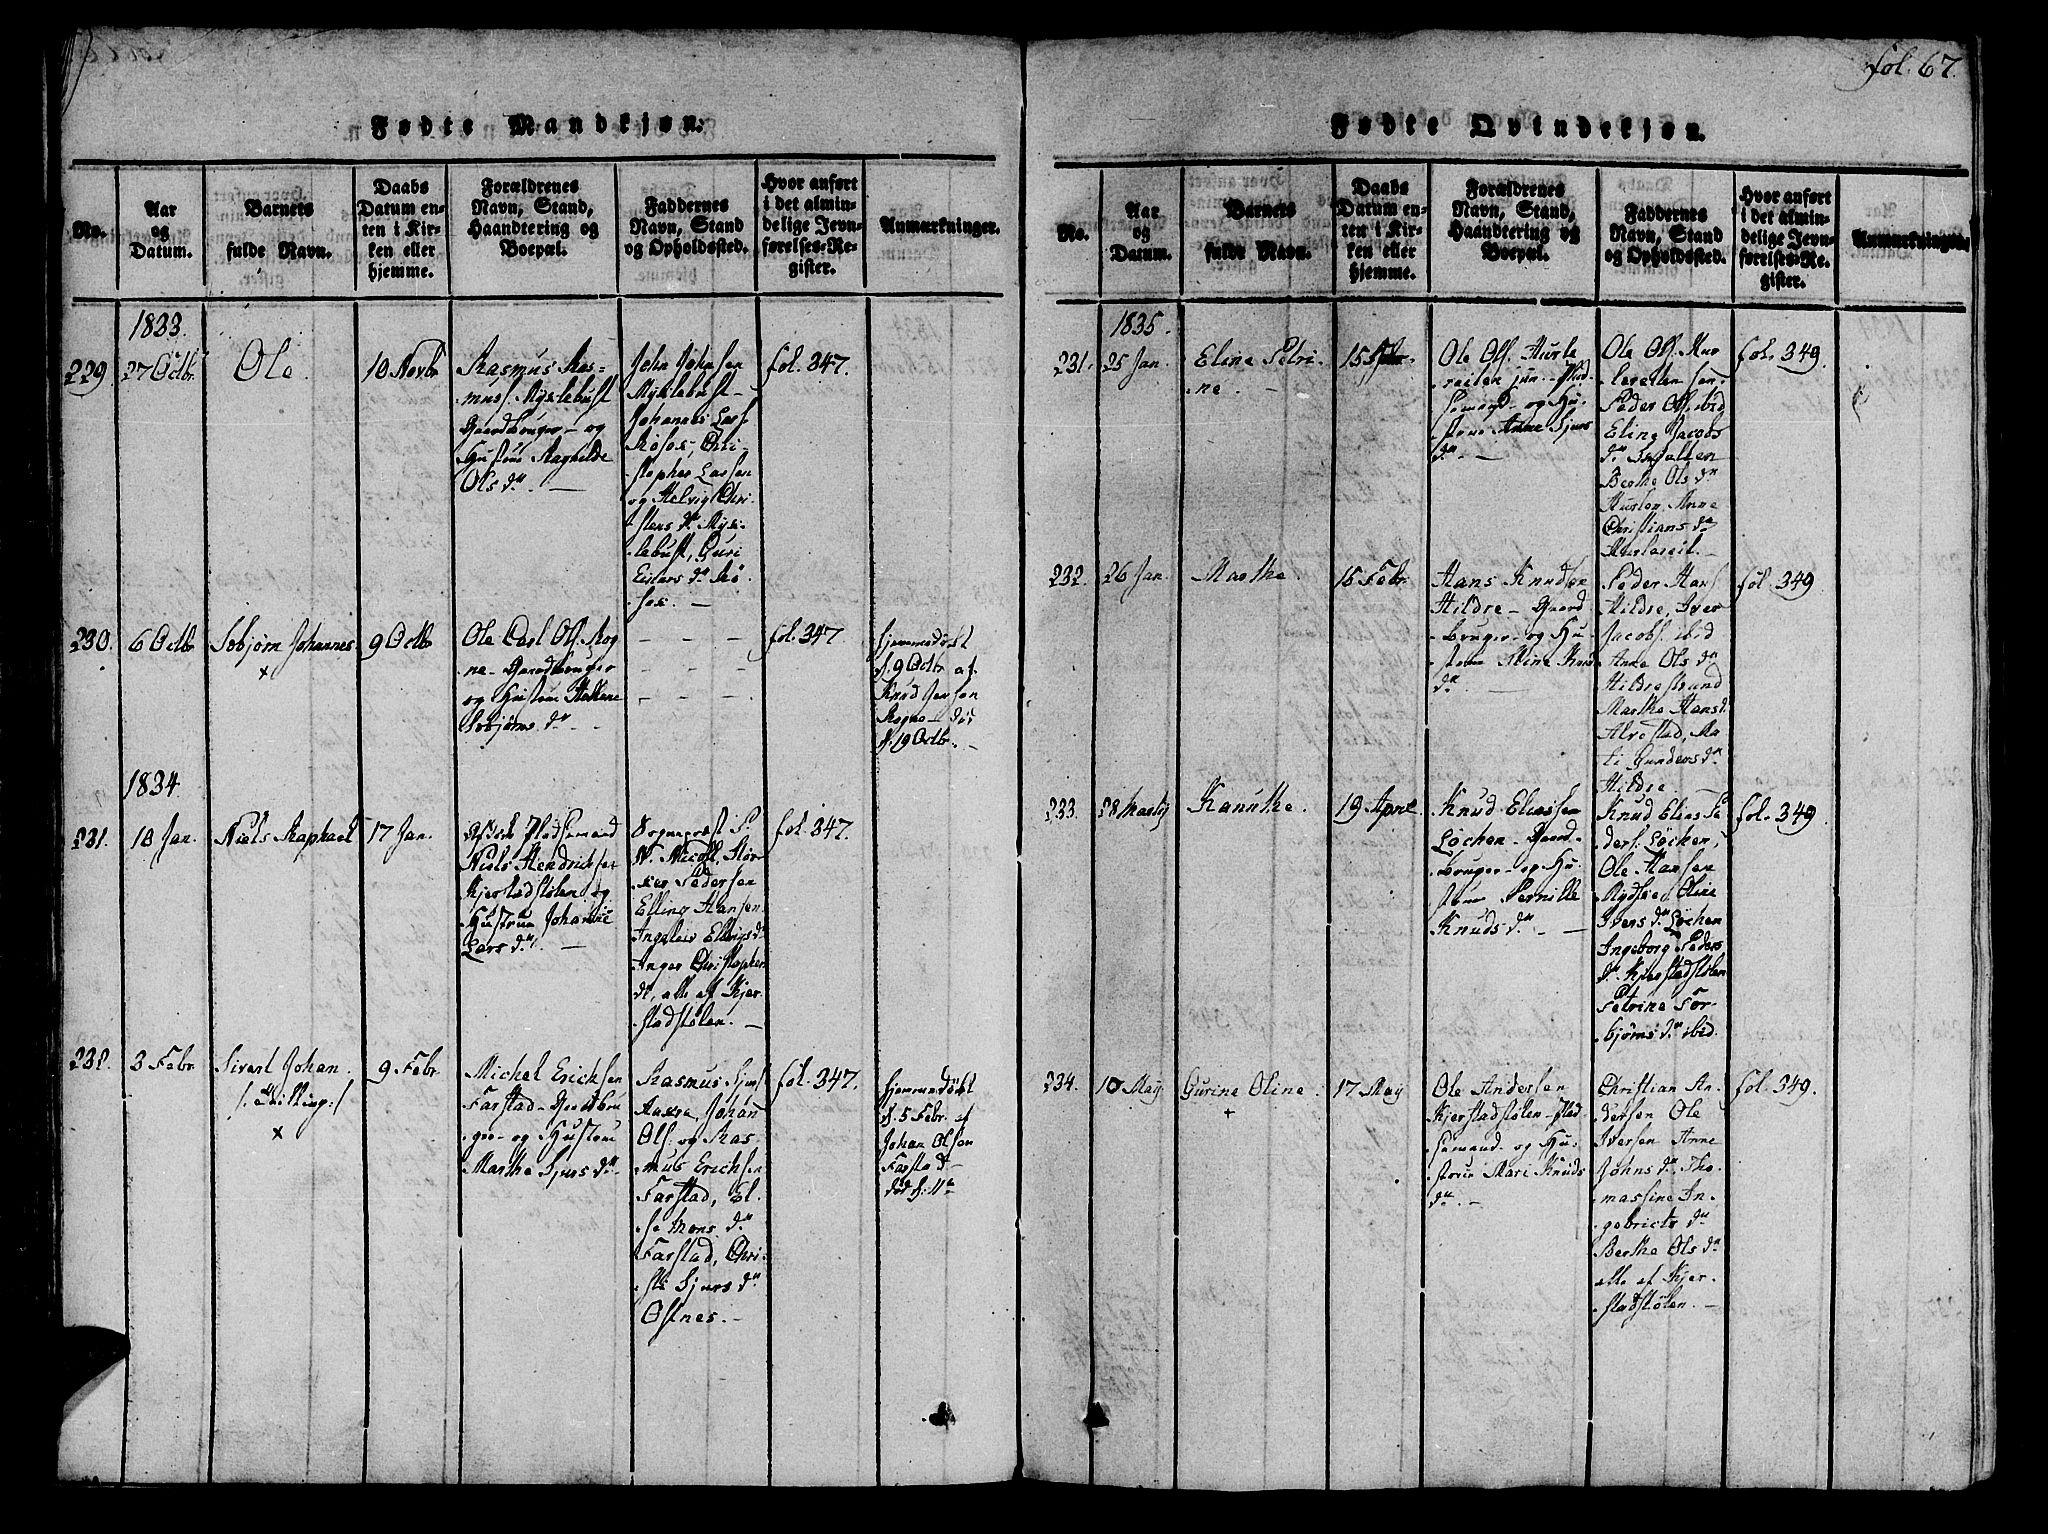 SAT, Ministerialprotokoller, klokkerbøker og fødselsregistre - Møre og Romsdal, 536/L0495: Ministerialbok nr. 536A04, 1818-1847, s. 67